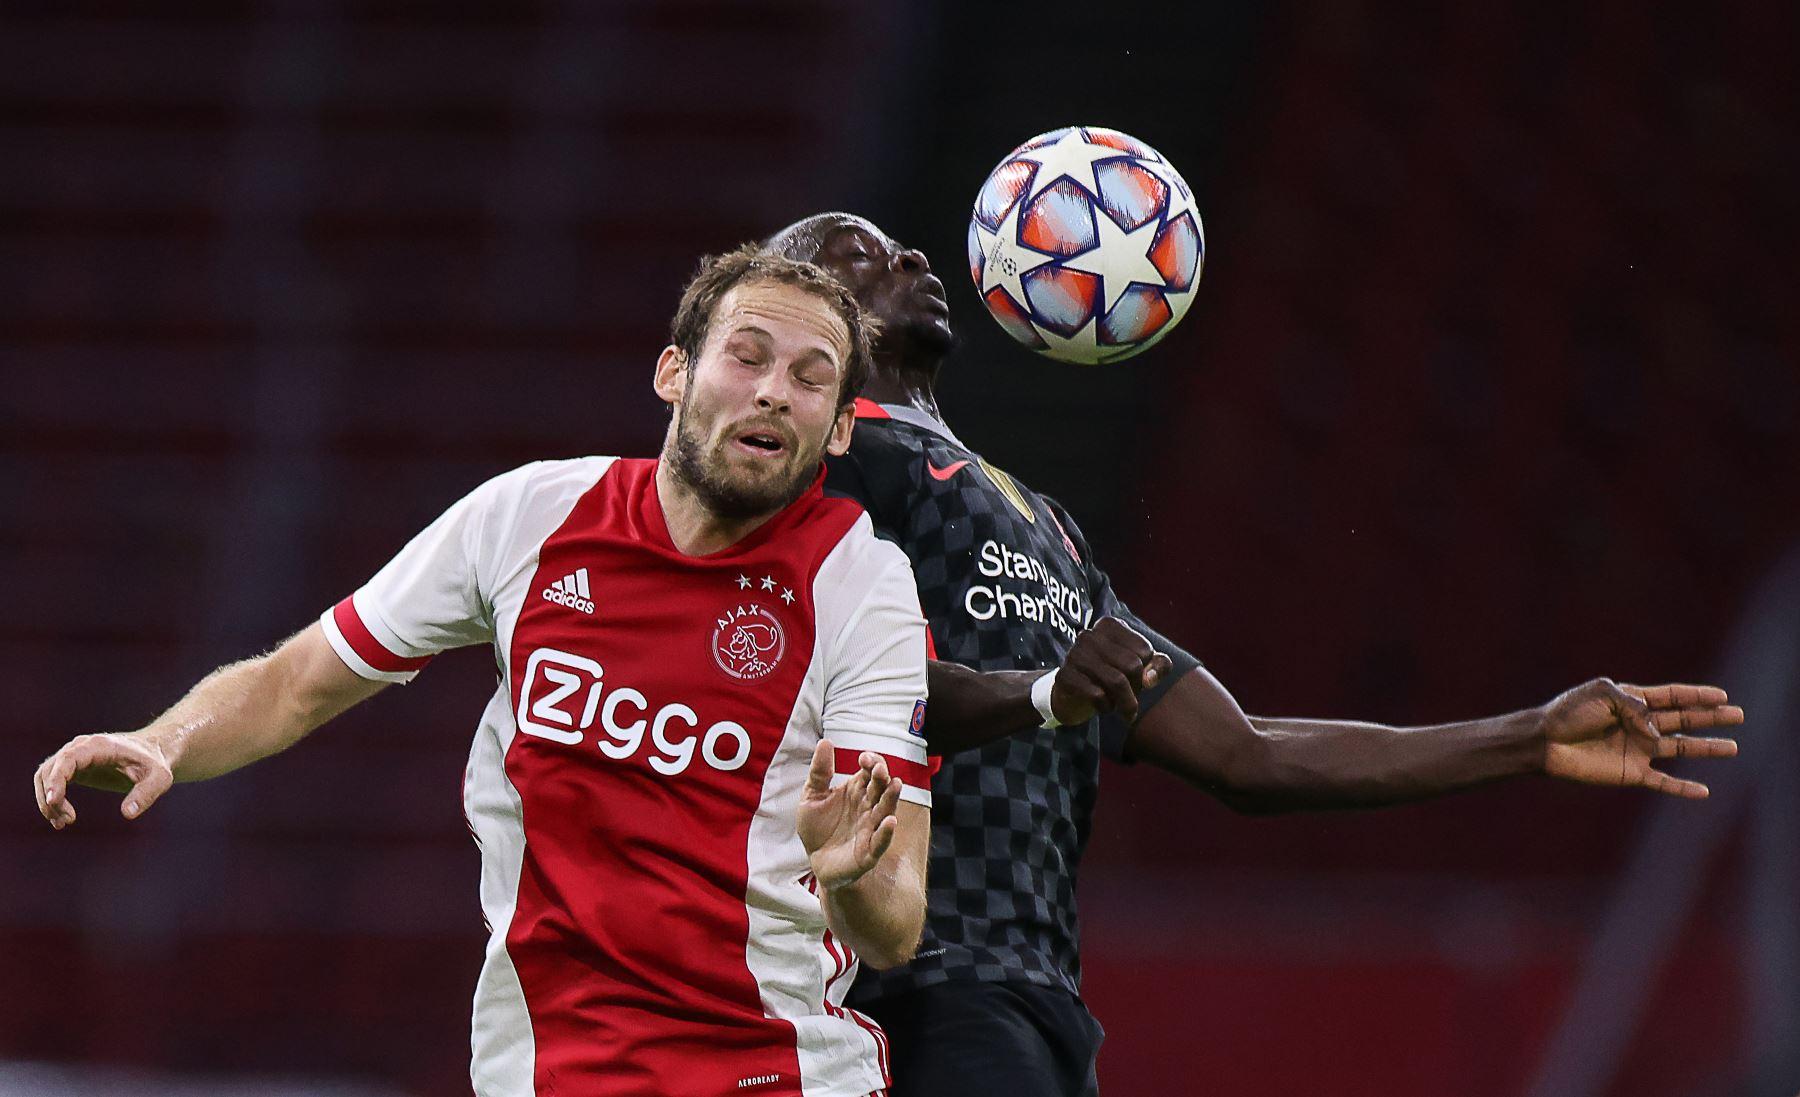 El defensor holandés del Ajax, Daley Blind, salta por el balón con el mediocampista inglés del Liverpool, Curtis Jones, durante el partido de fútbol de primera etapa del Grupo D de la Liga de Campeones de la UEFA. Foto: AFP